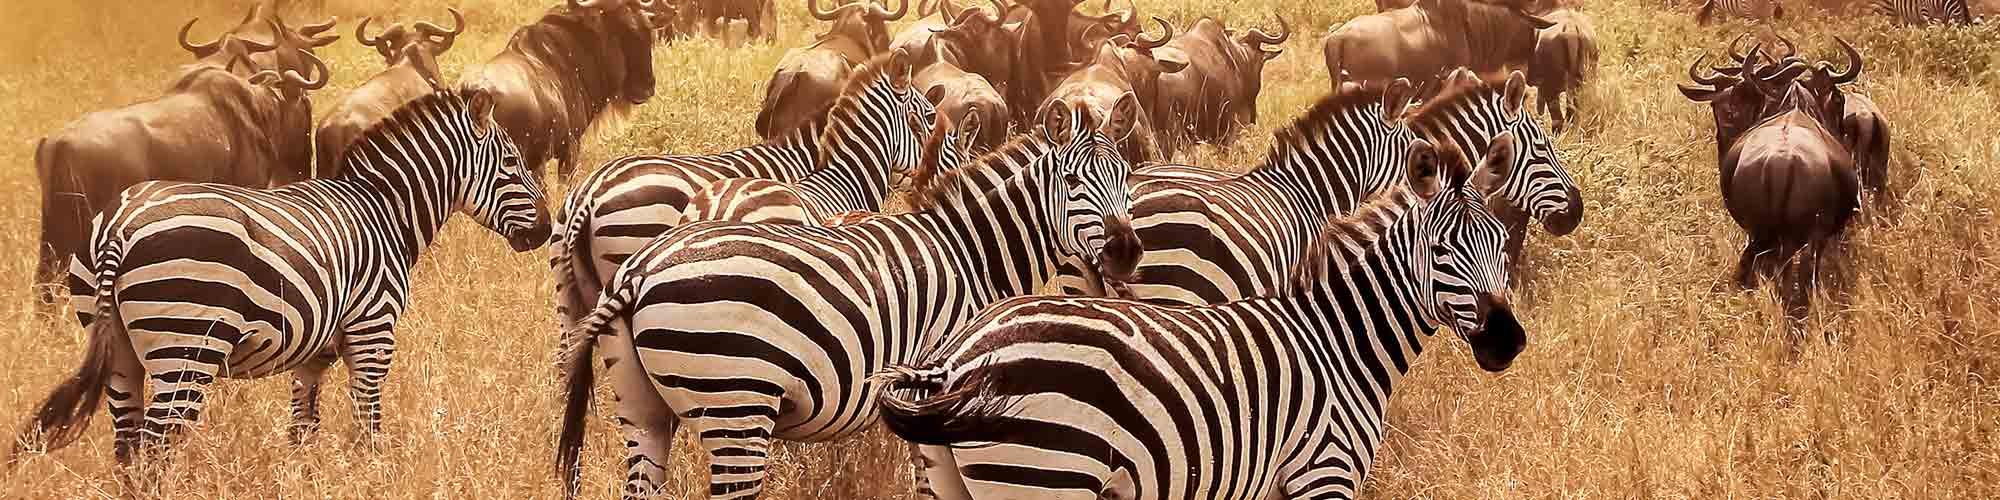 Tanzania y Zanzíbar: Encuentros salvajes - EL PAIS Viajes